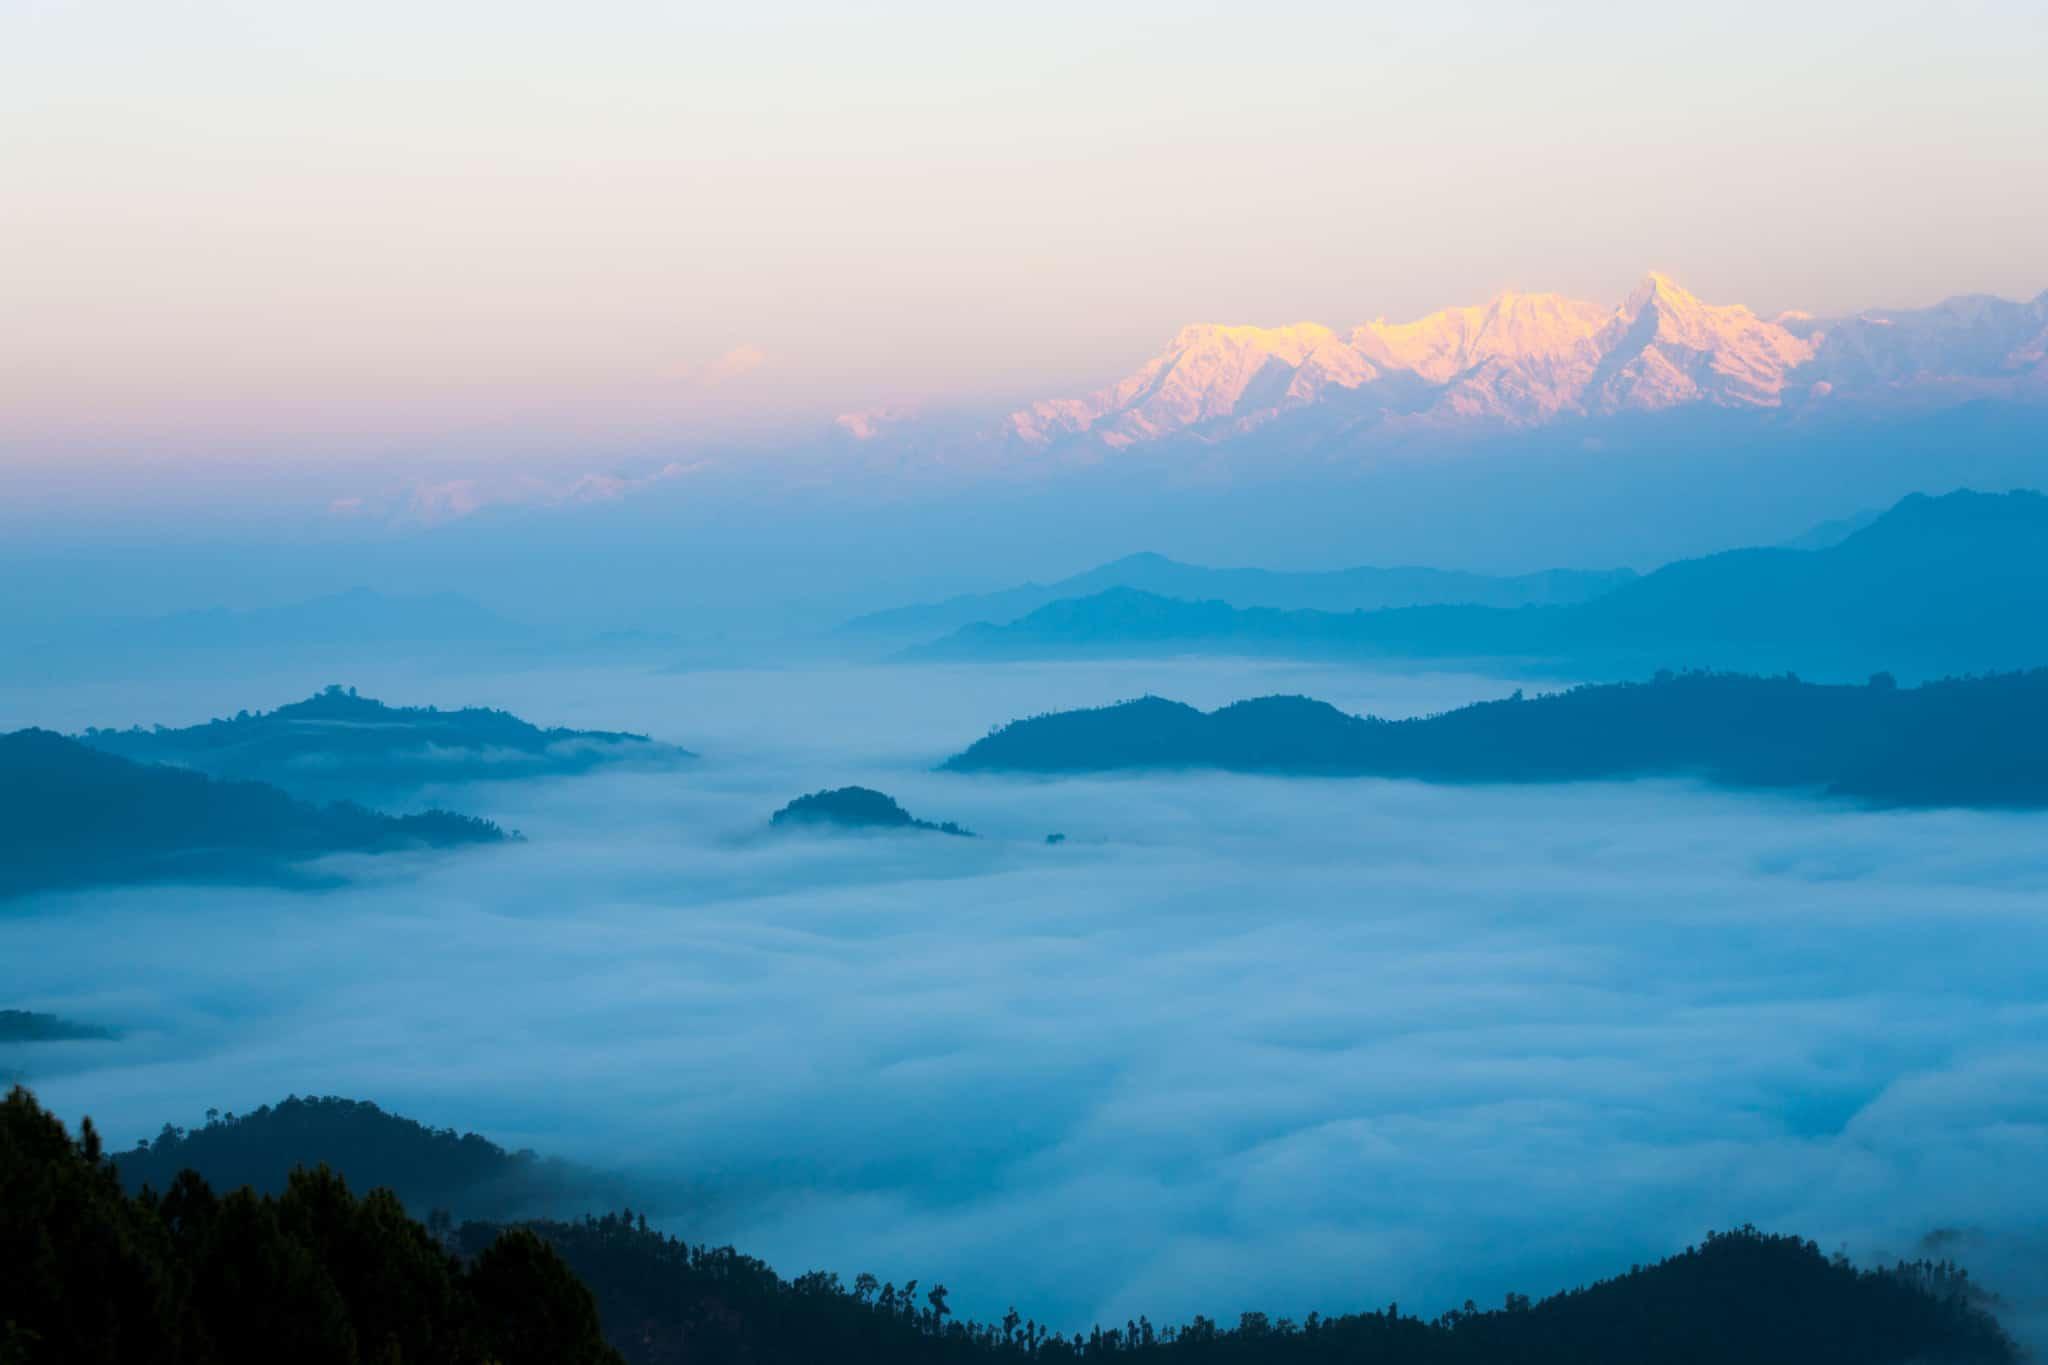 Himalayan Mountain Range Over Sea Of Clouds Dawn